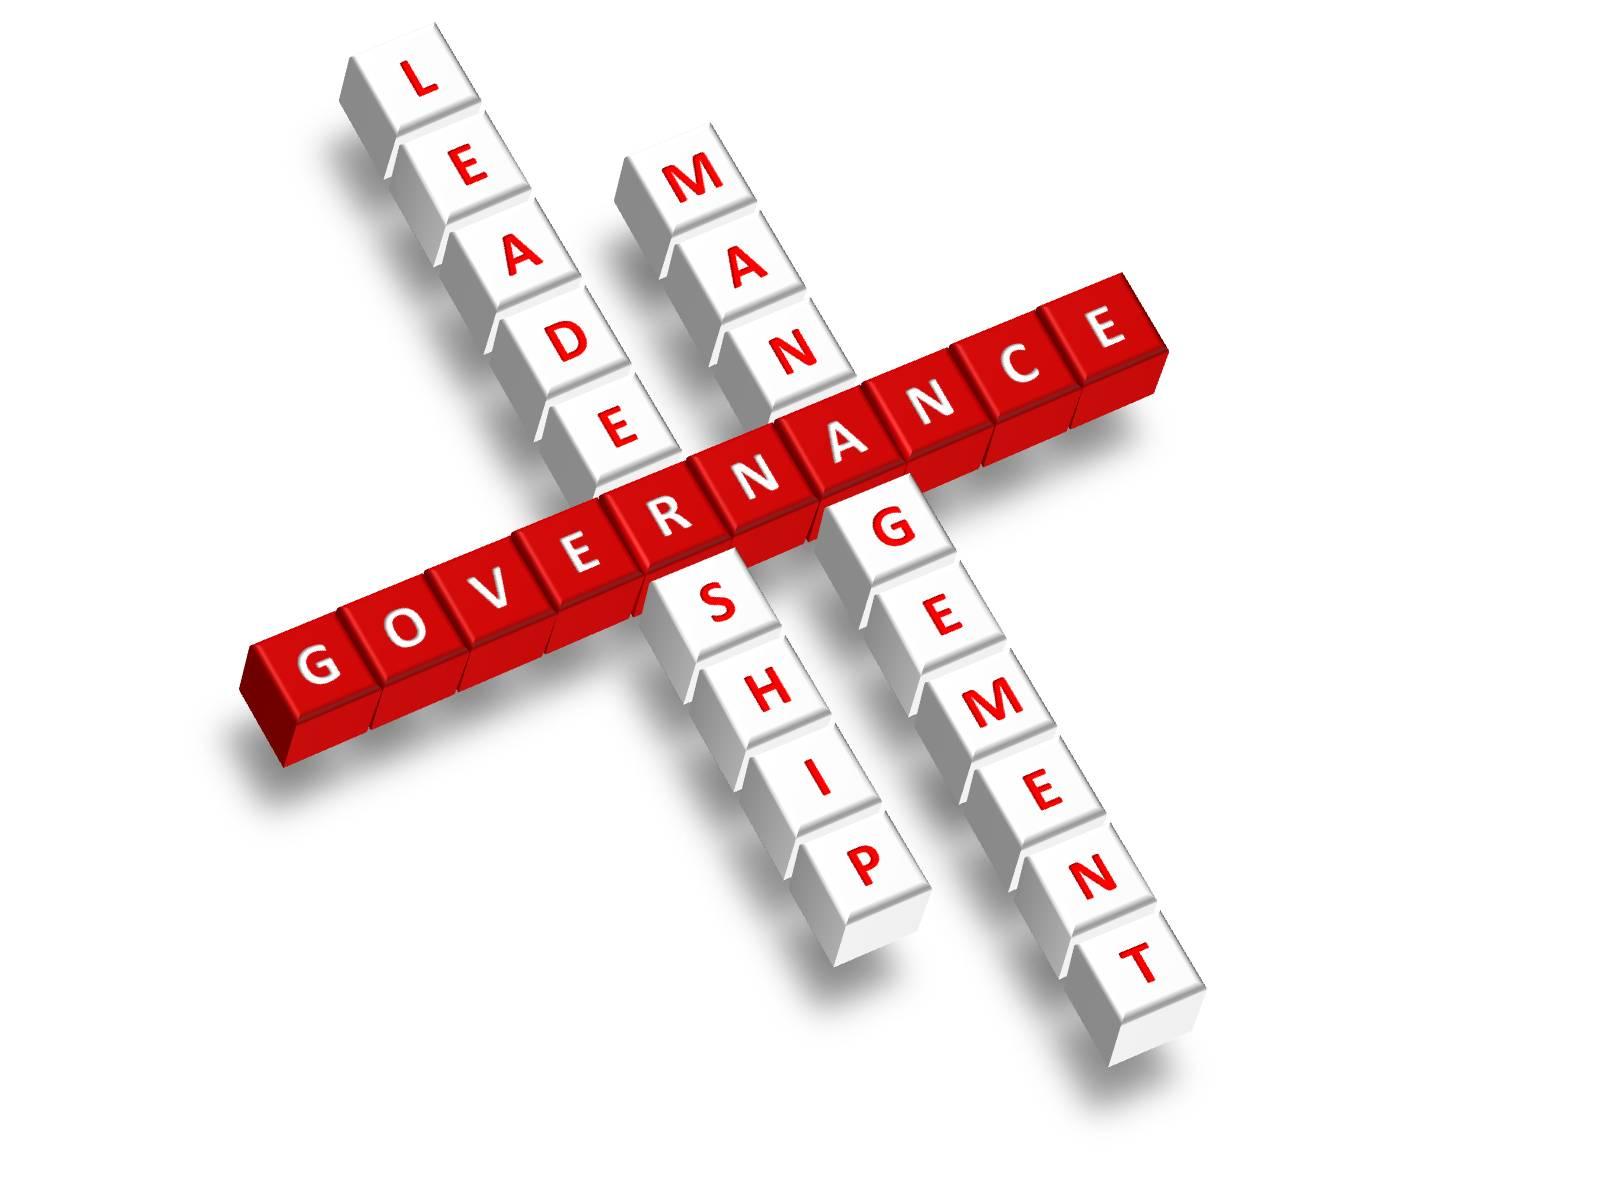 management vs compliance